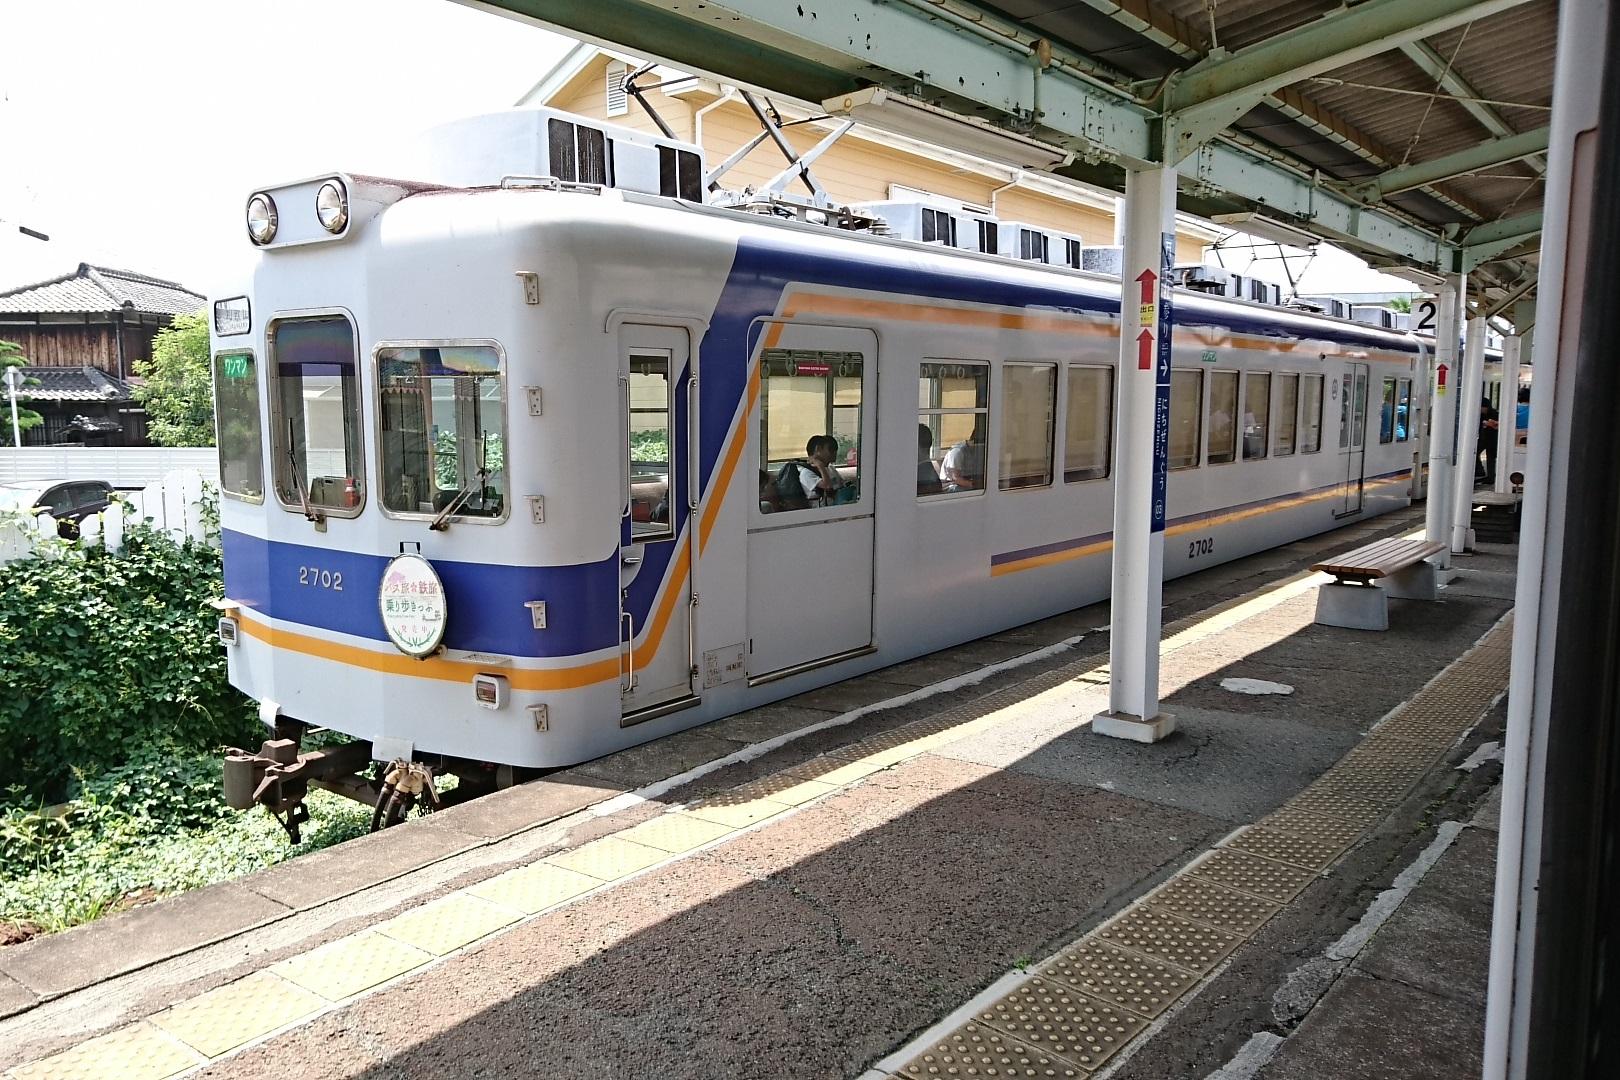 2017.8.17 たま電車 (16) 貴志いきふつう - 日前宮(和歌山いきふつう) 1620-1080